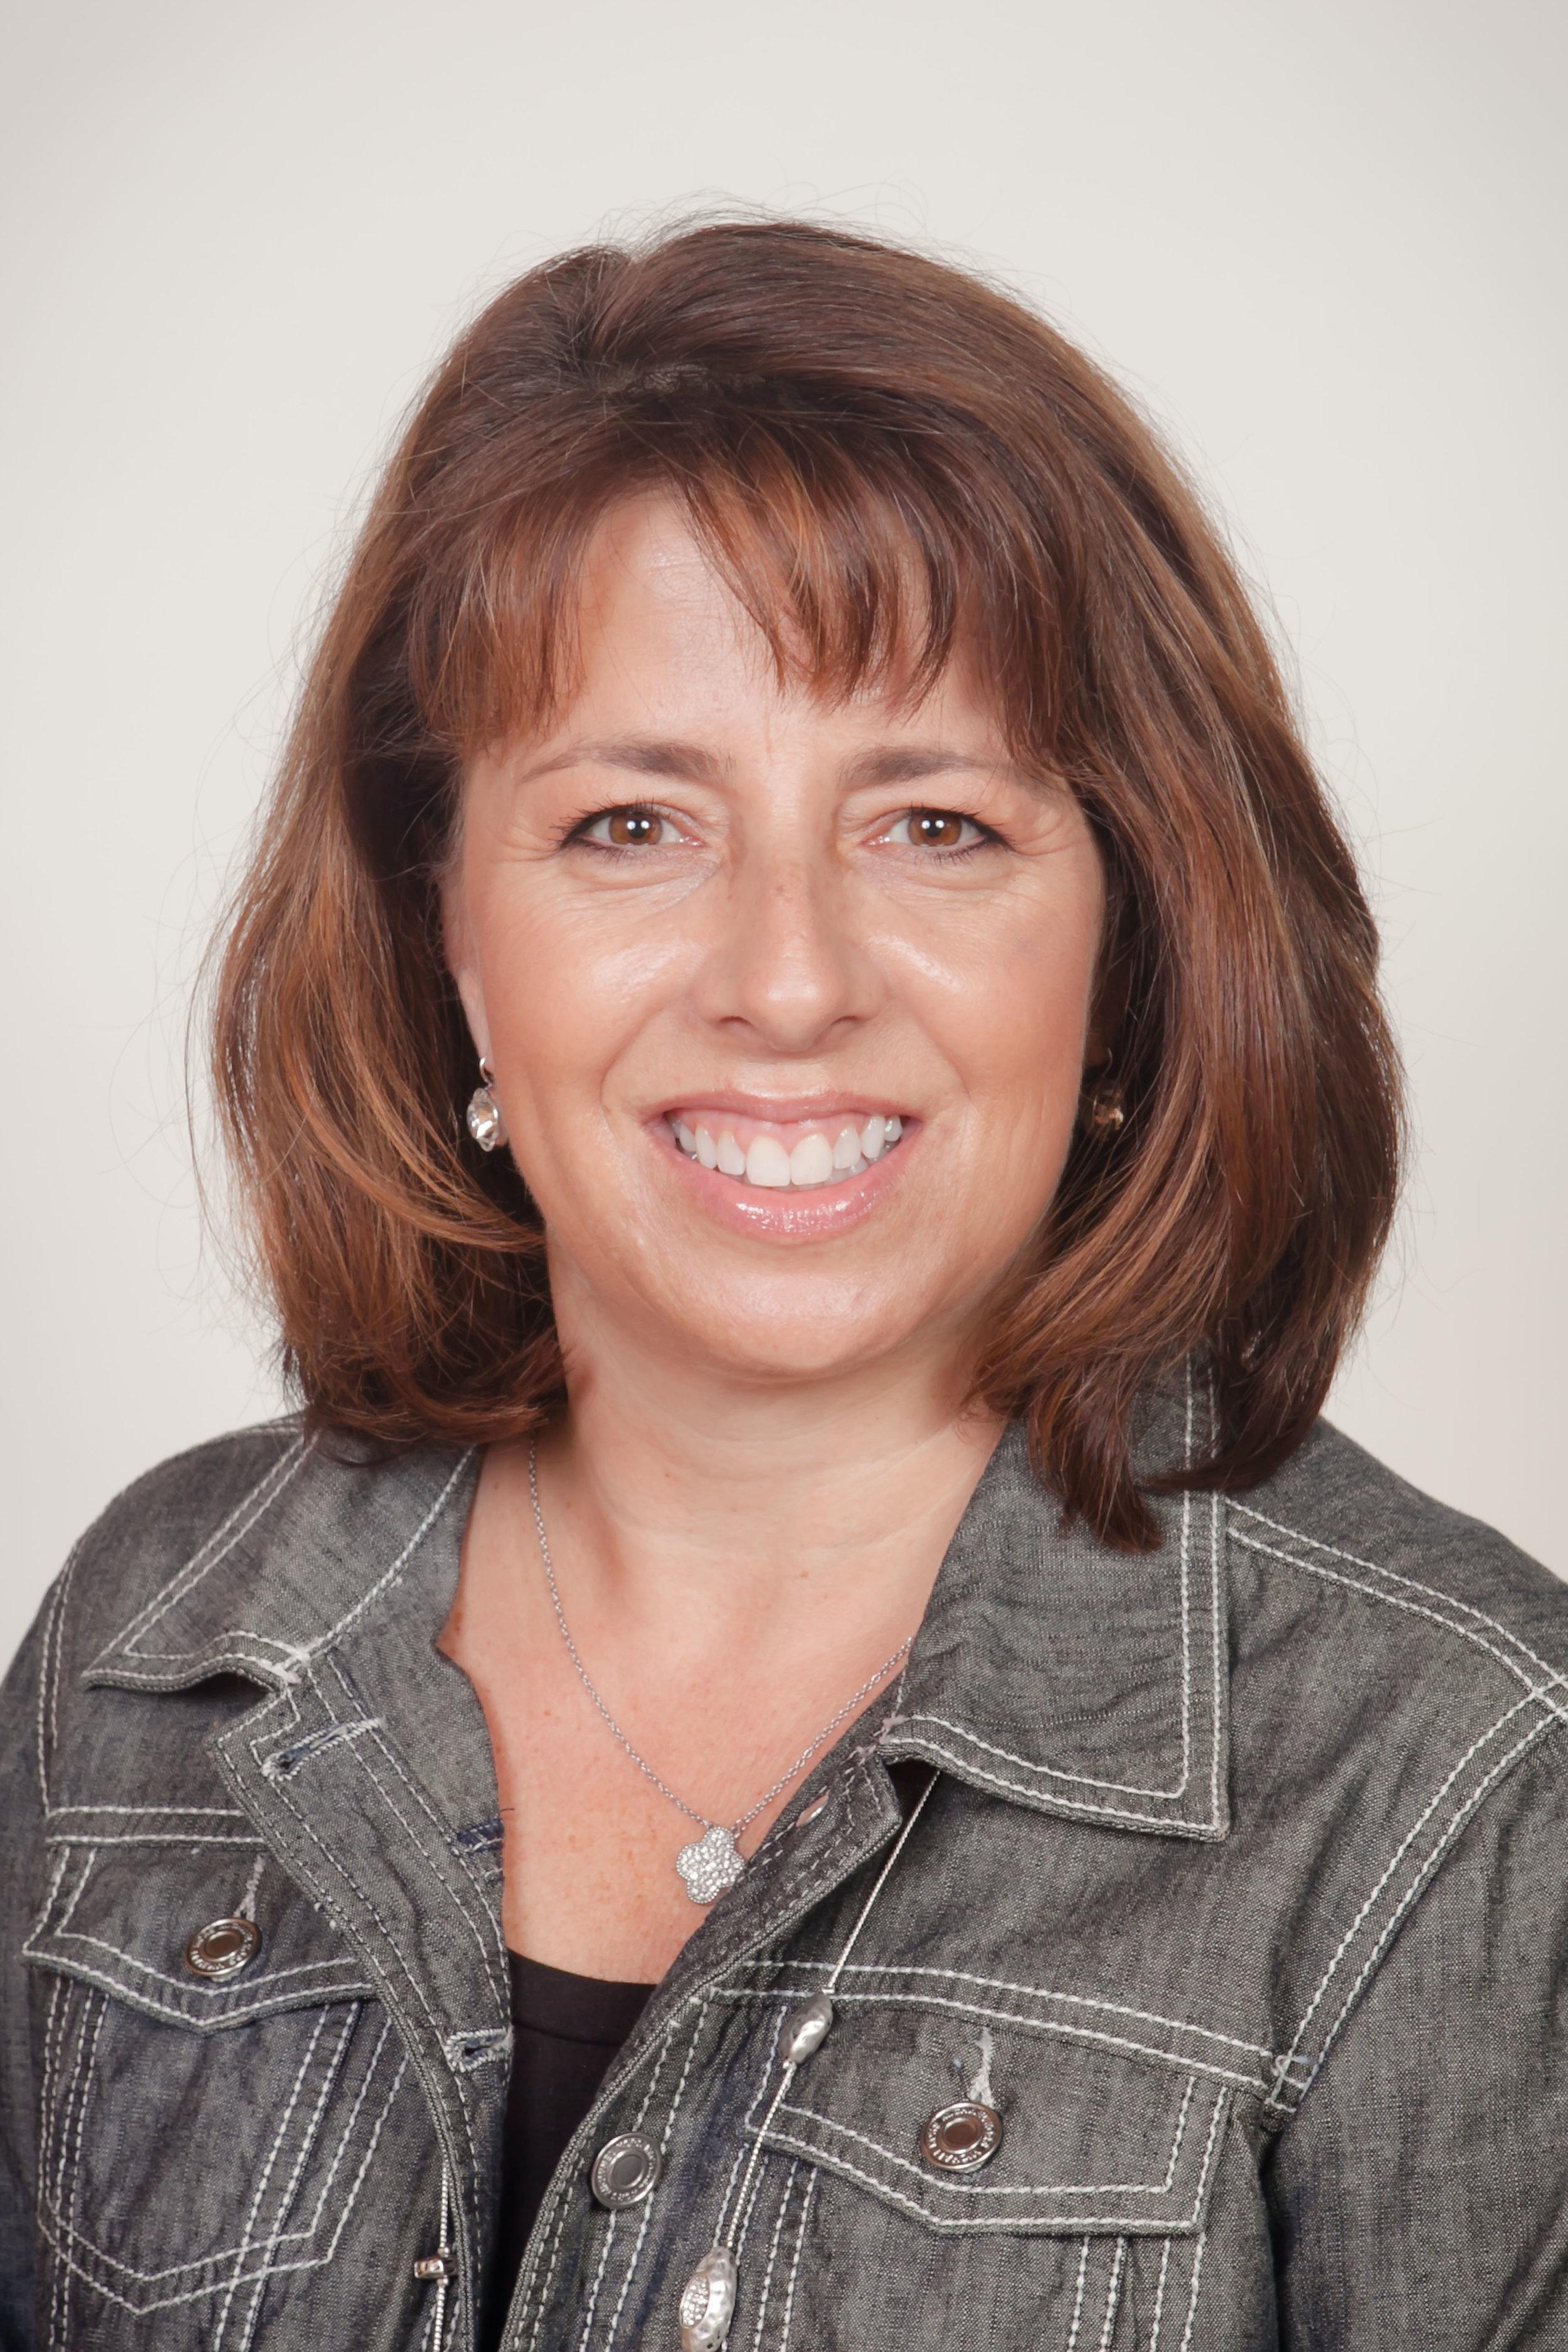 Ellen Pirone